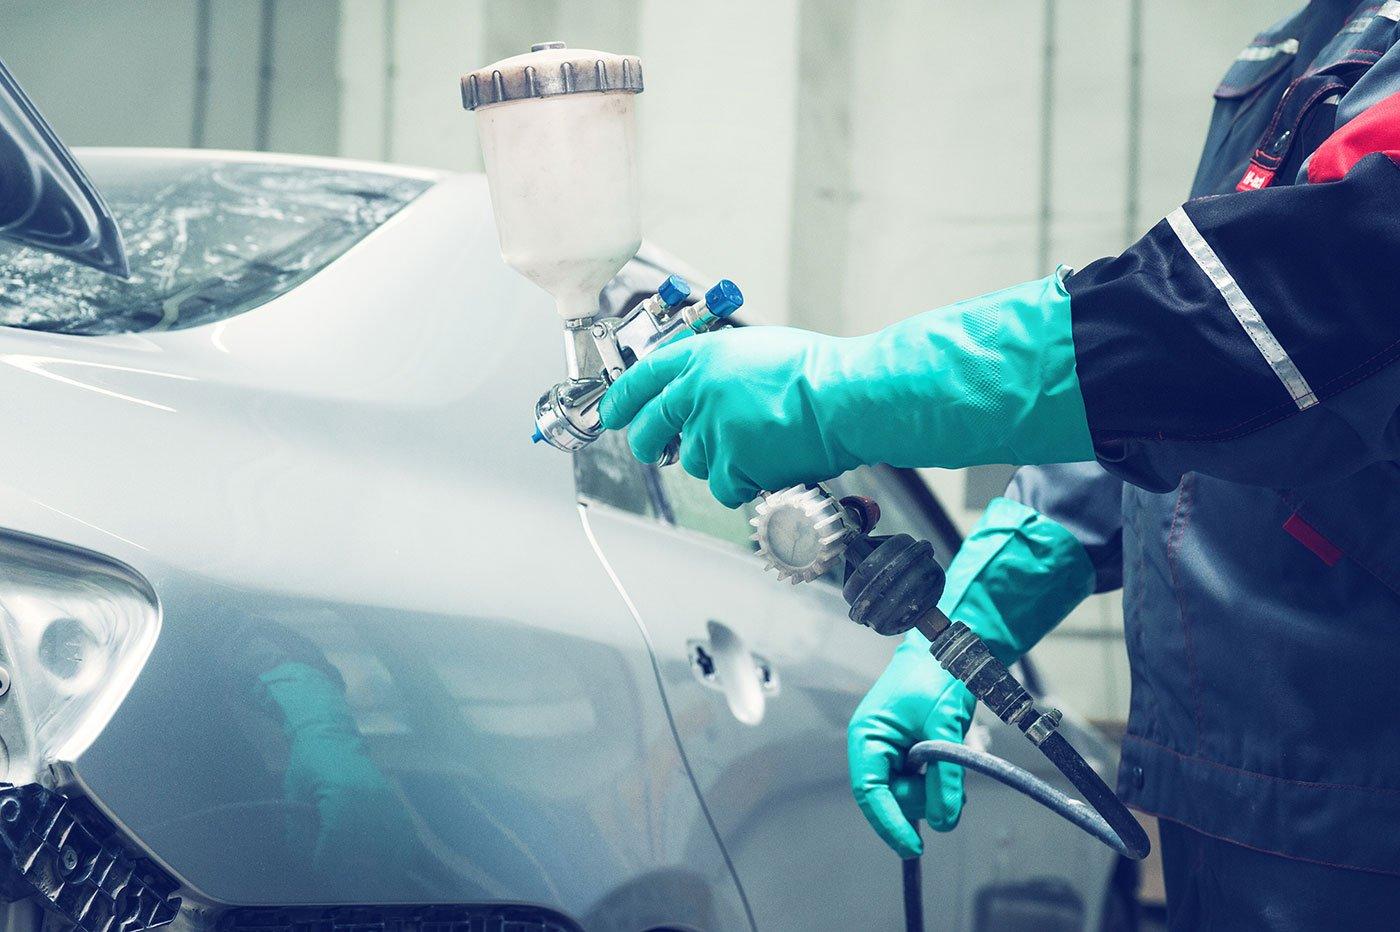 operaio vernicia un auto con pistola a spruzzo